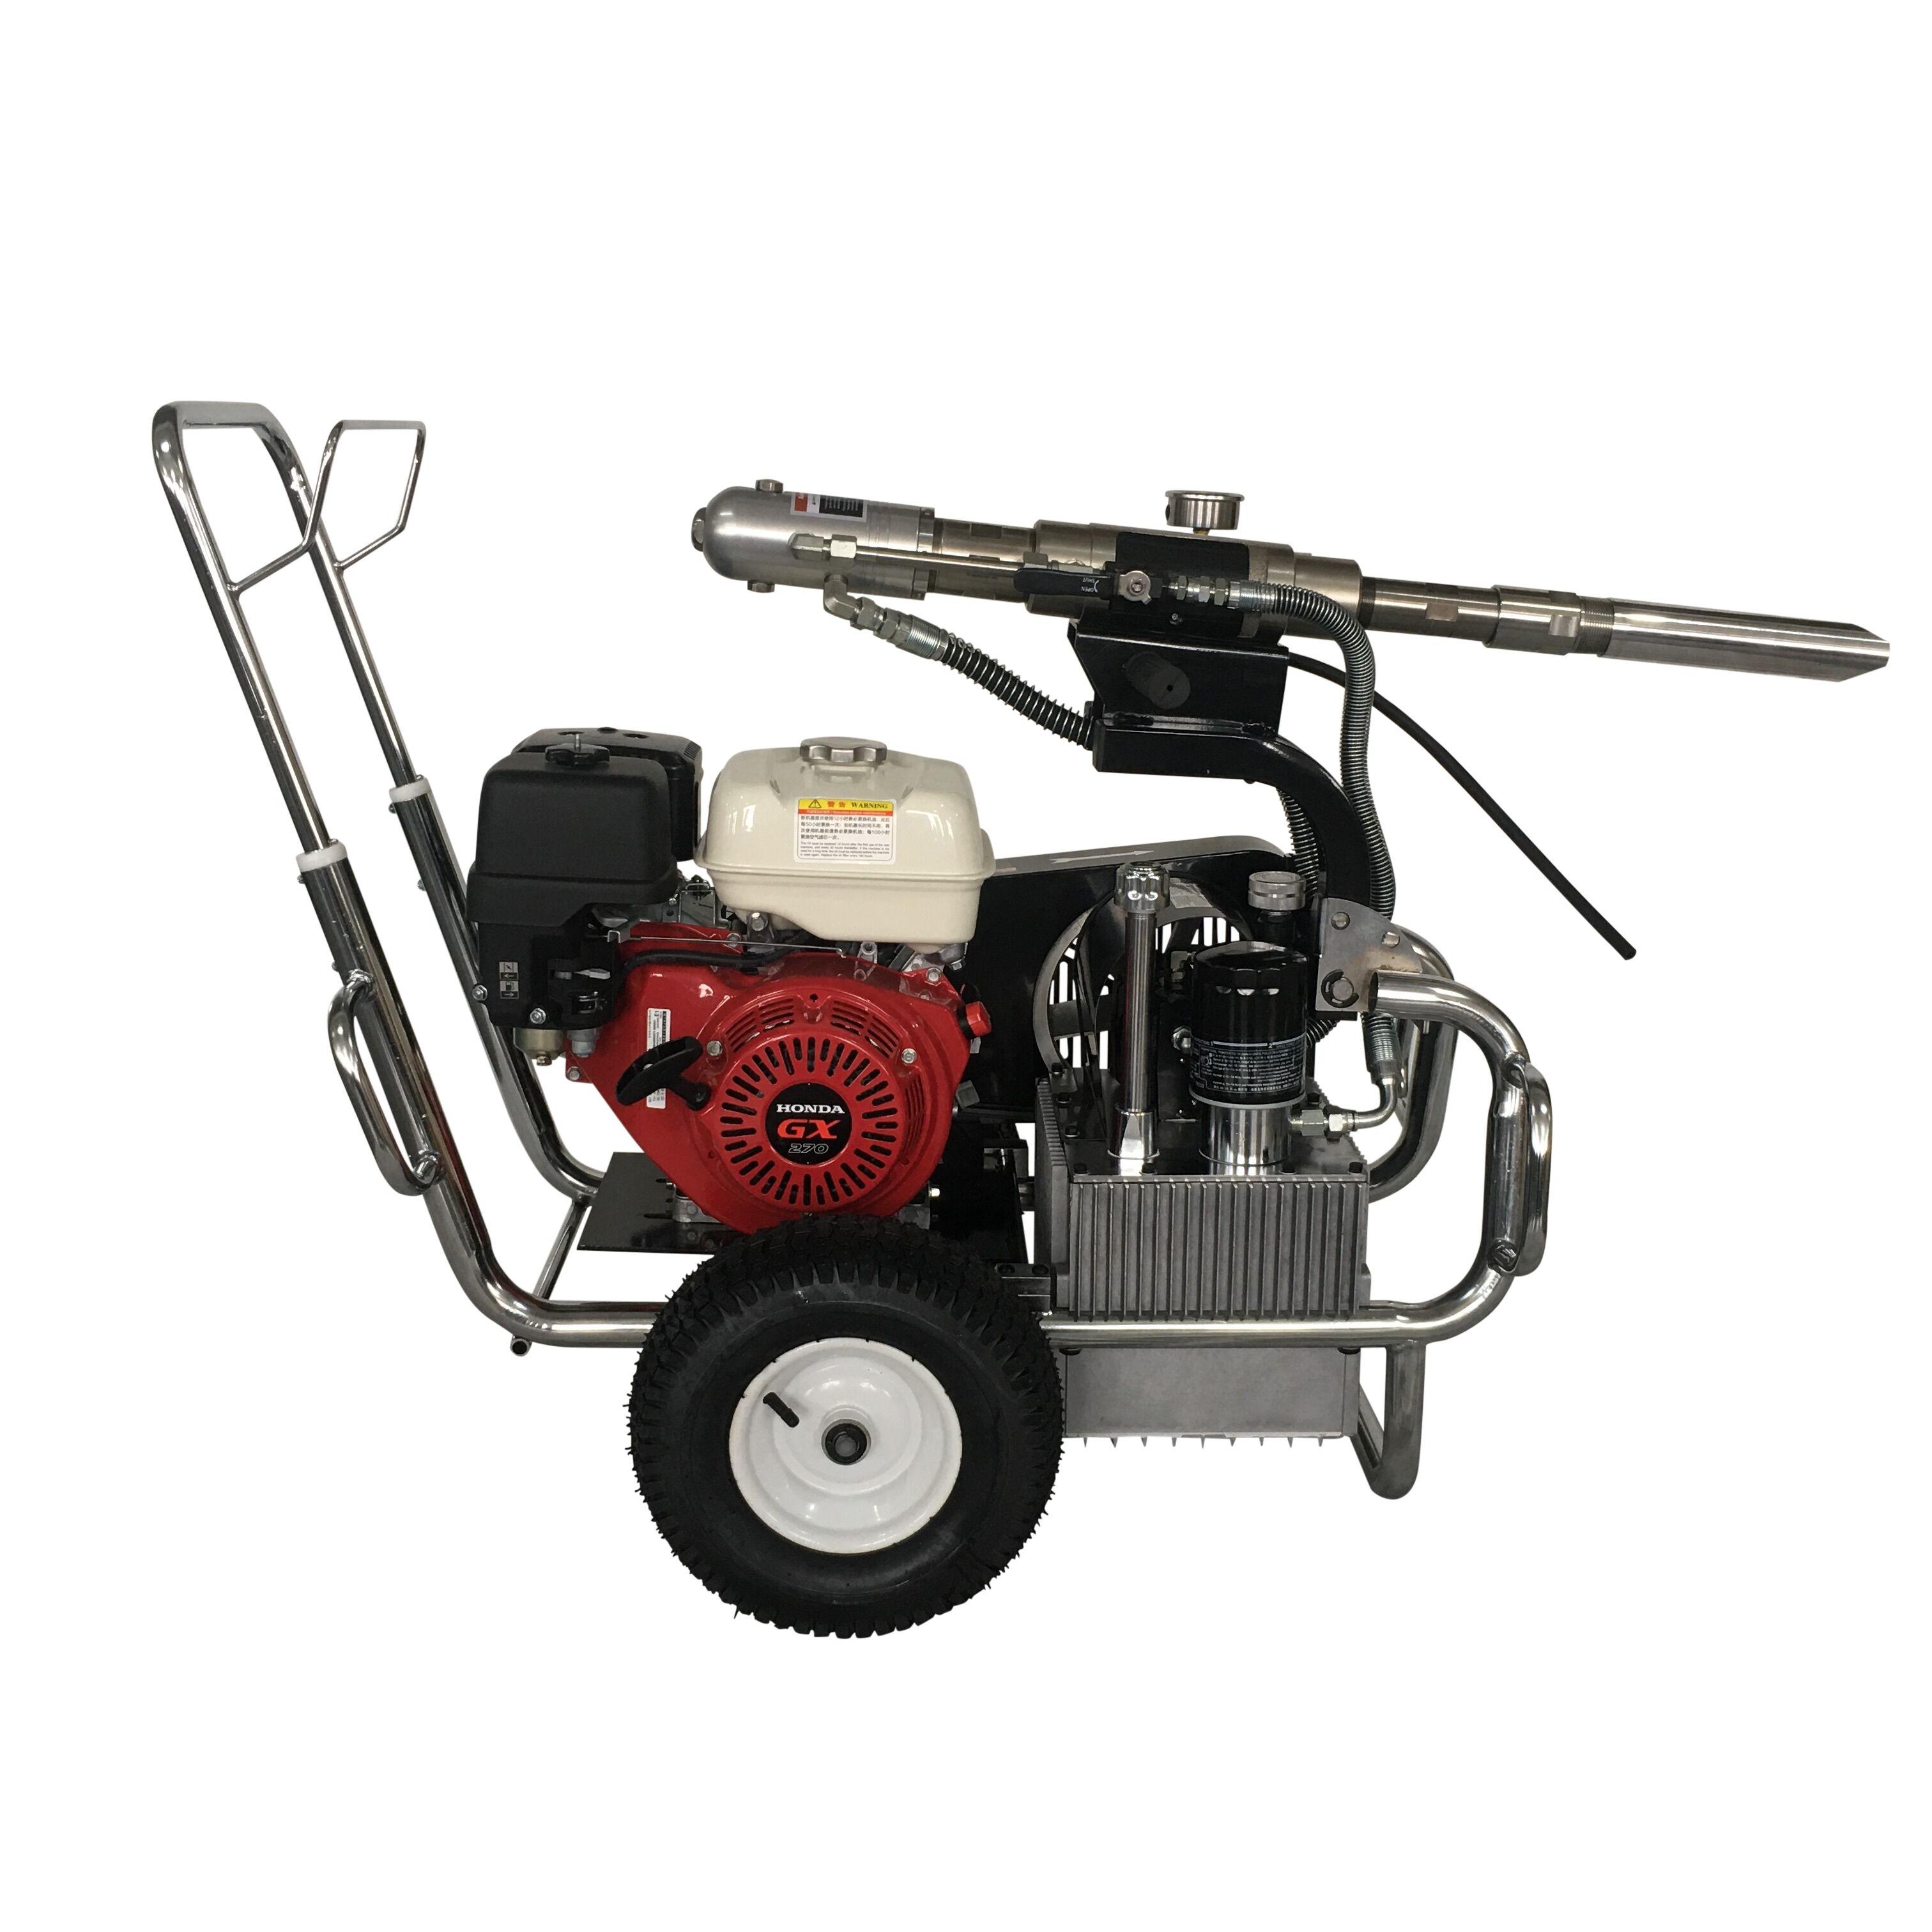 15 л/мин газовый двигатель, Гидравлический поршневой насос, безвоздушный распылитель краски, машина для покраски шпатлевки, для промышленного строительства